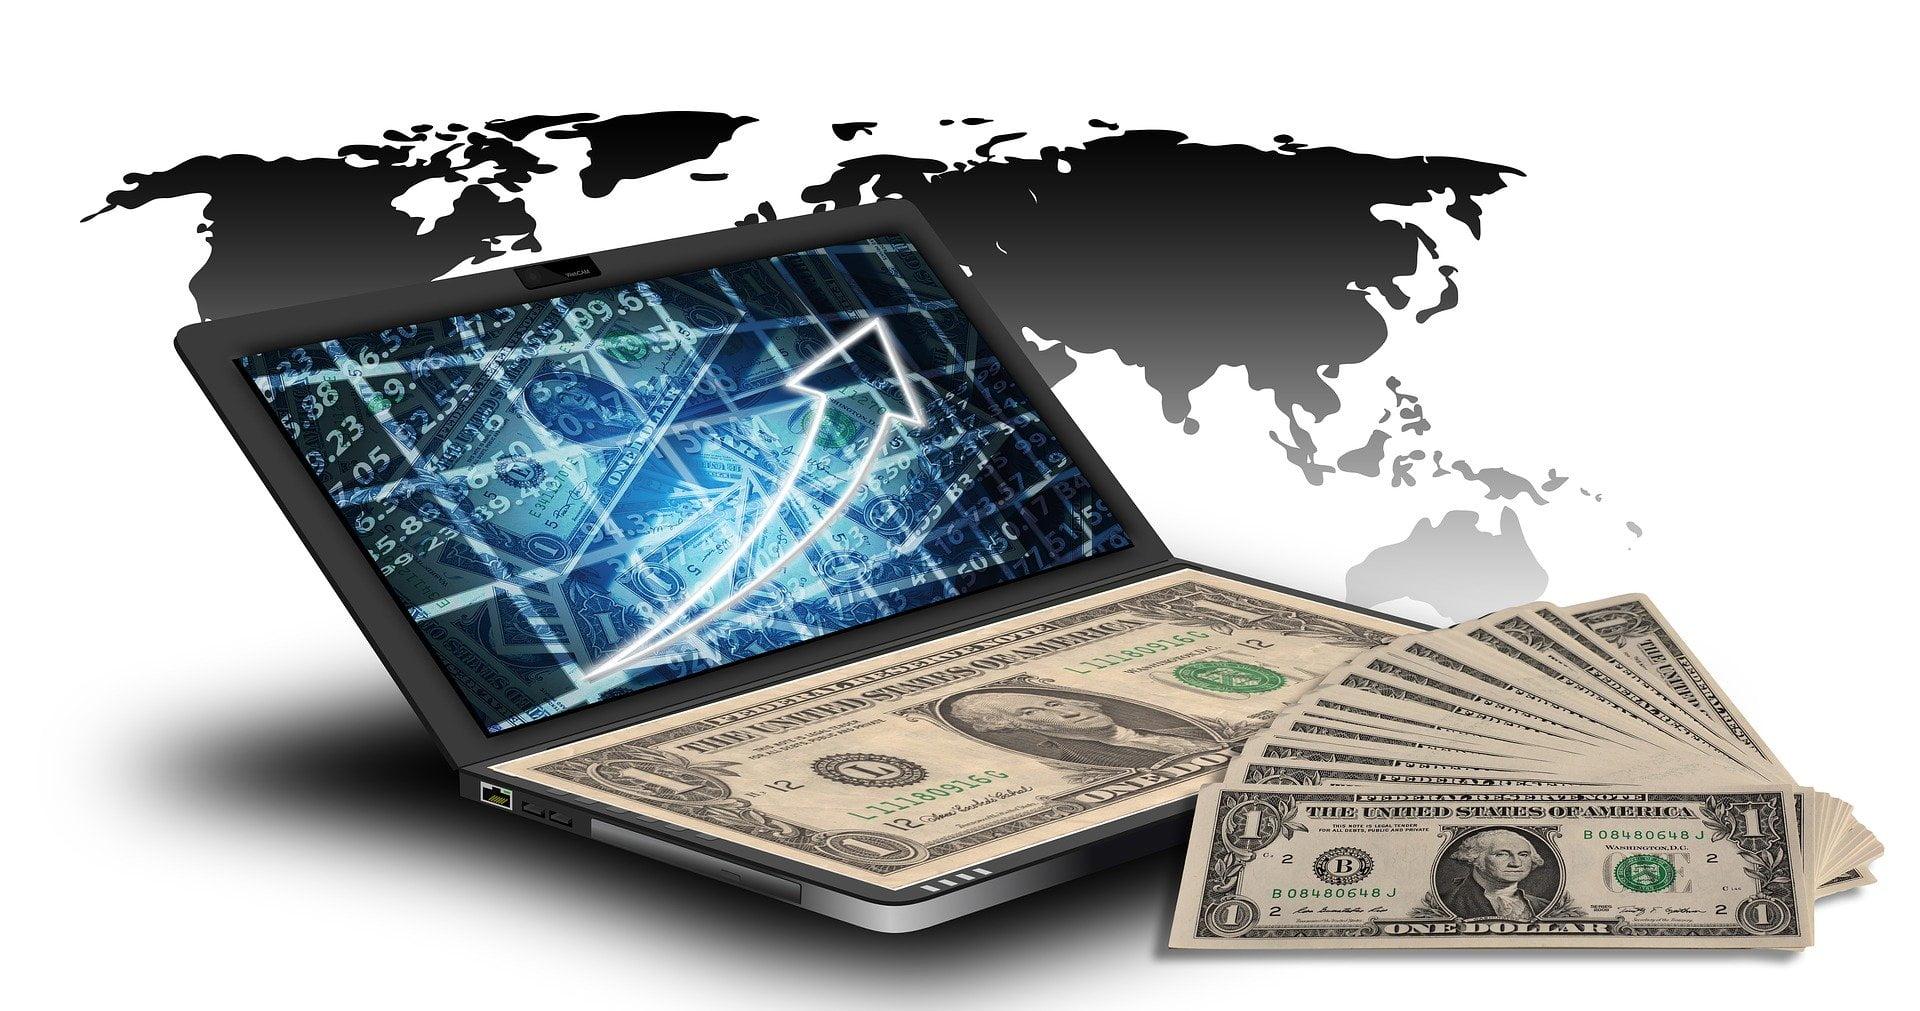 Gagner de l'argent sur internet avec IQ Option: La méthode la plus facile